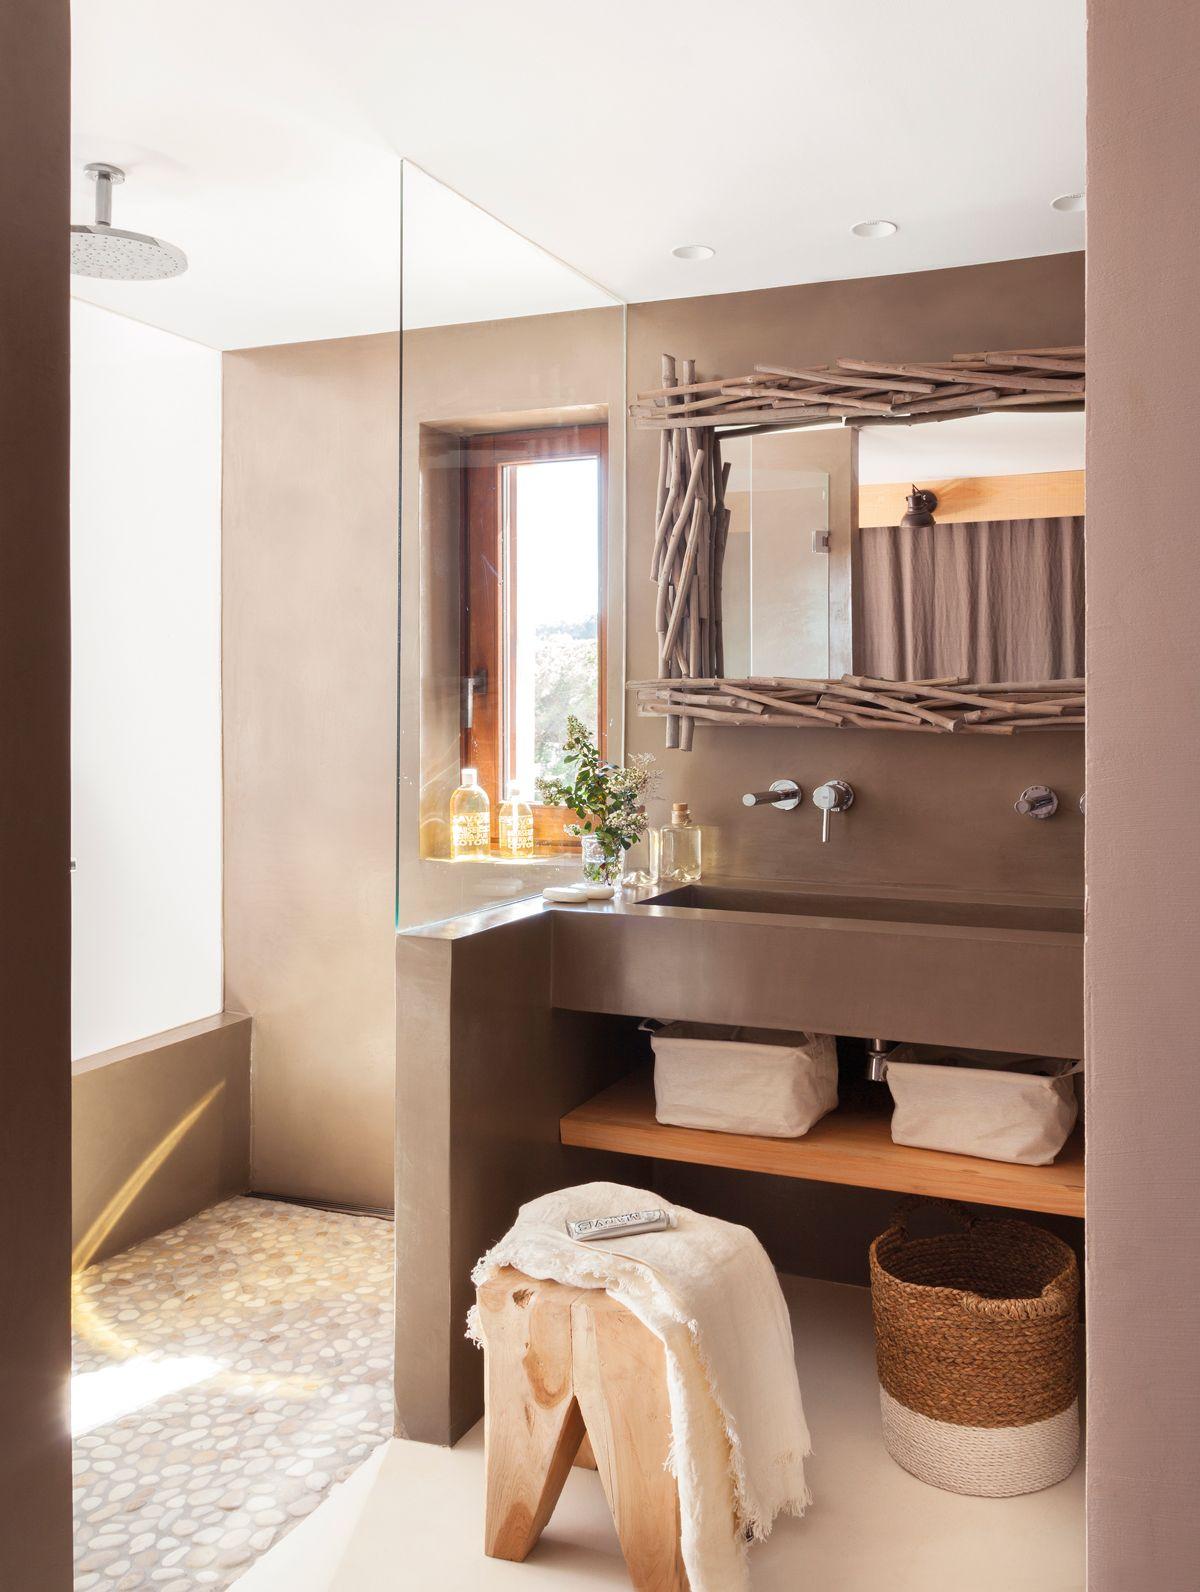 Ba o en microcemento marr n con ducha con murete y for Decoracion de banos con ducha